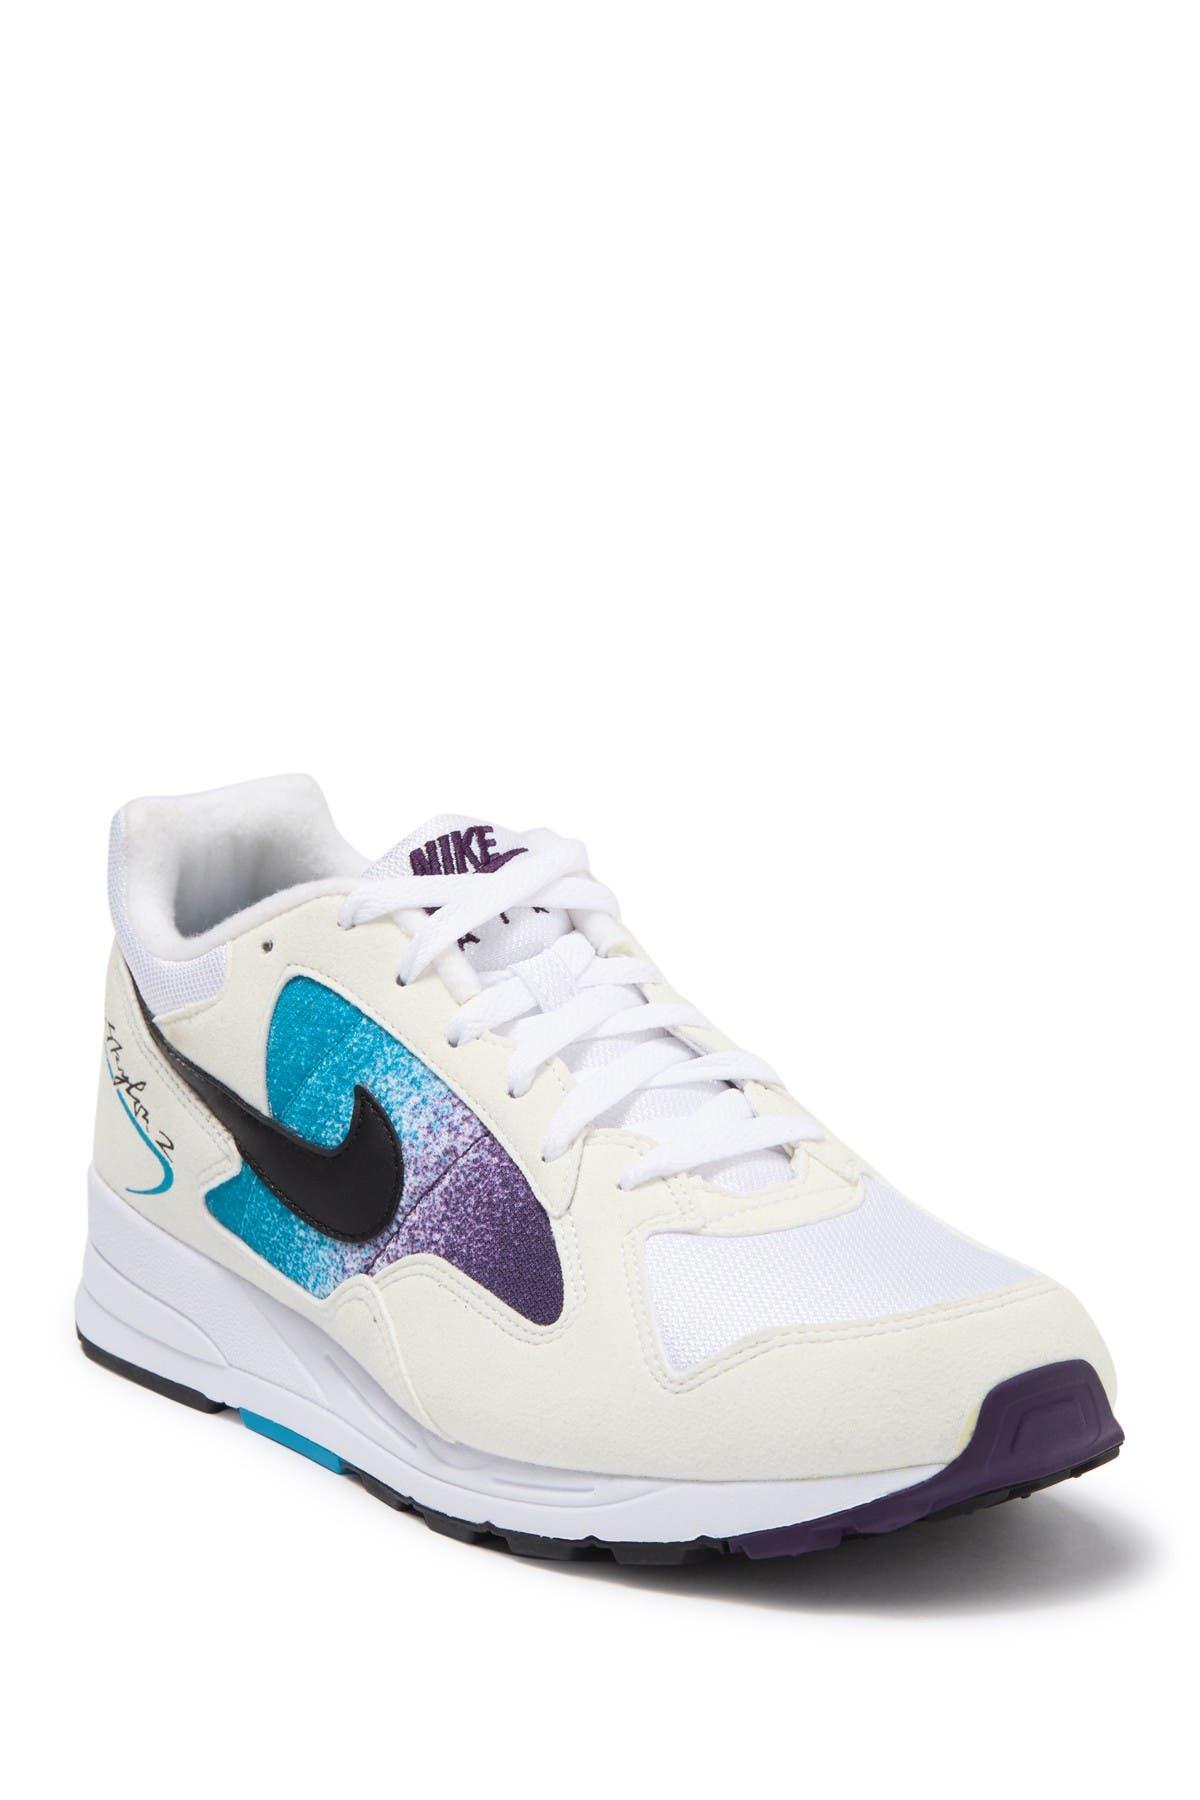 Image of Nike Air Skylon II Sneaker